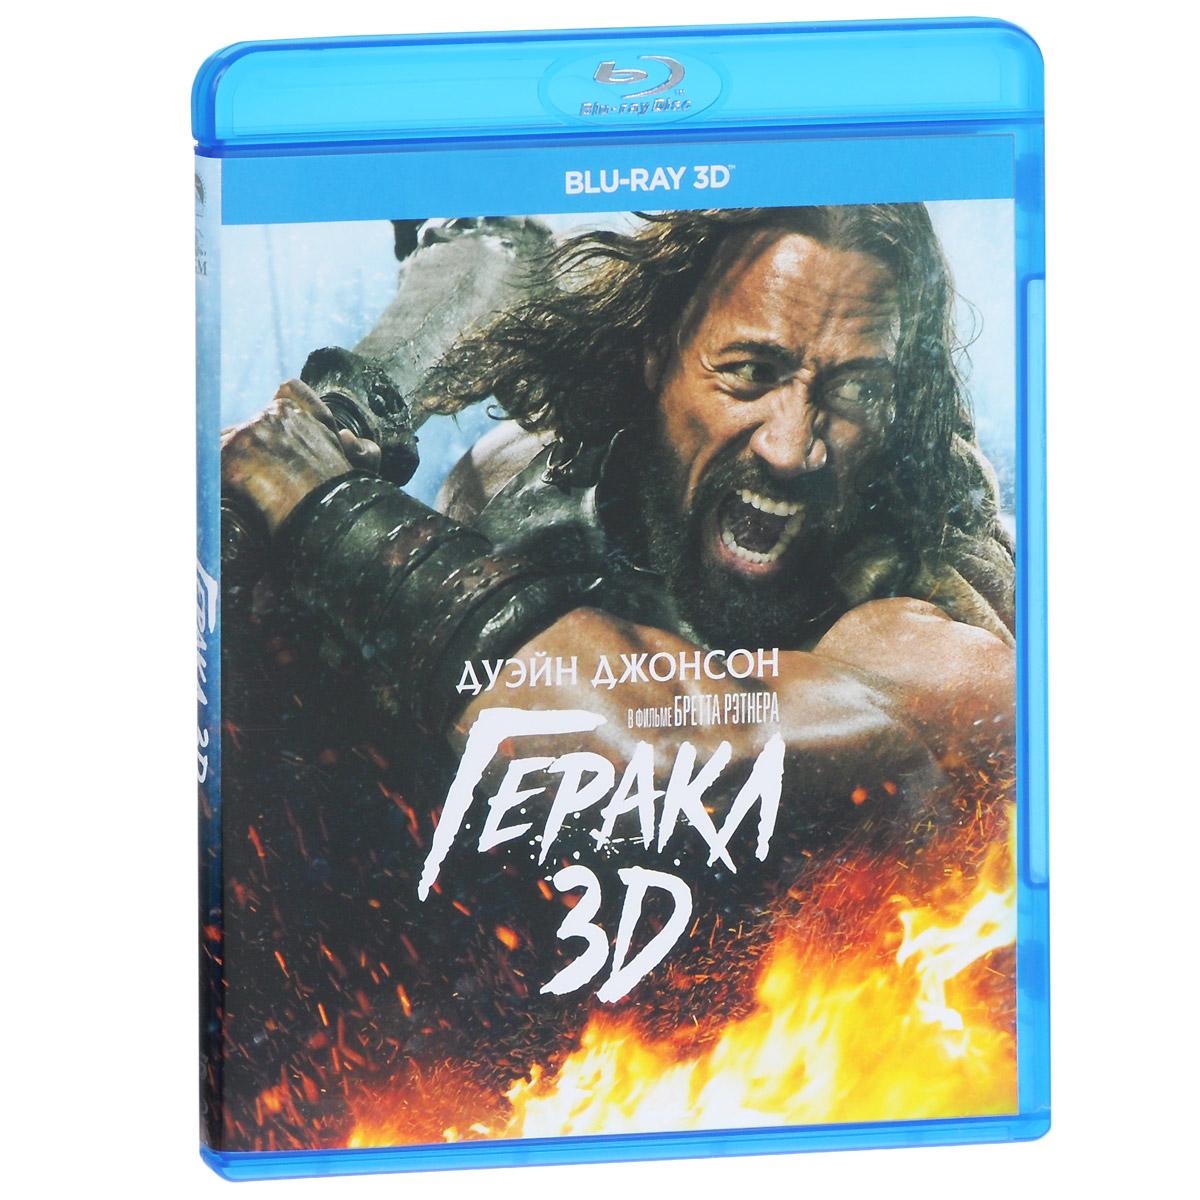 Геракл 3D (Blu-ray) двойной форсаж blu ray